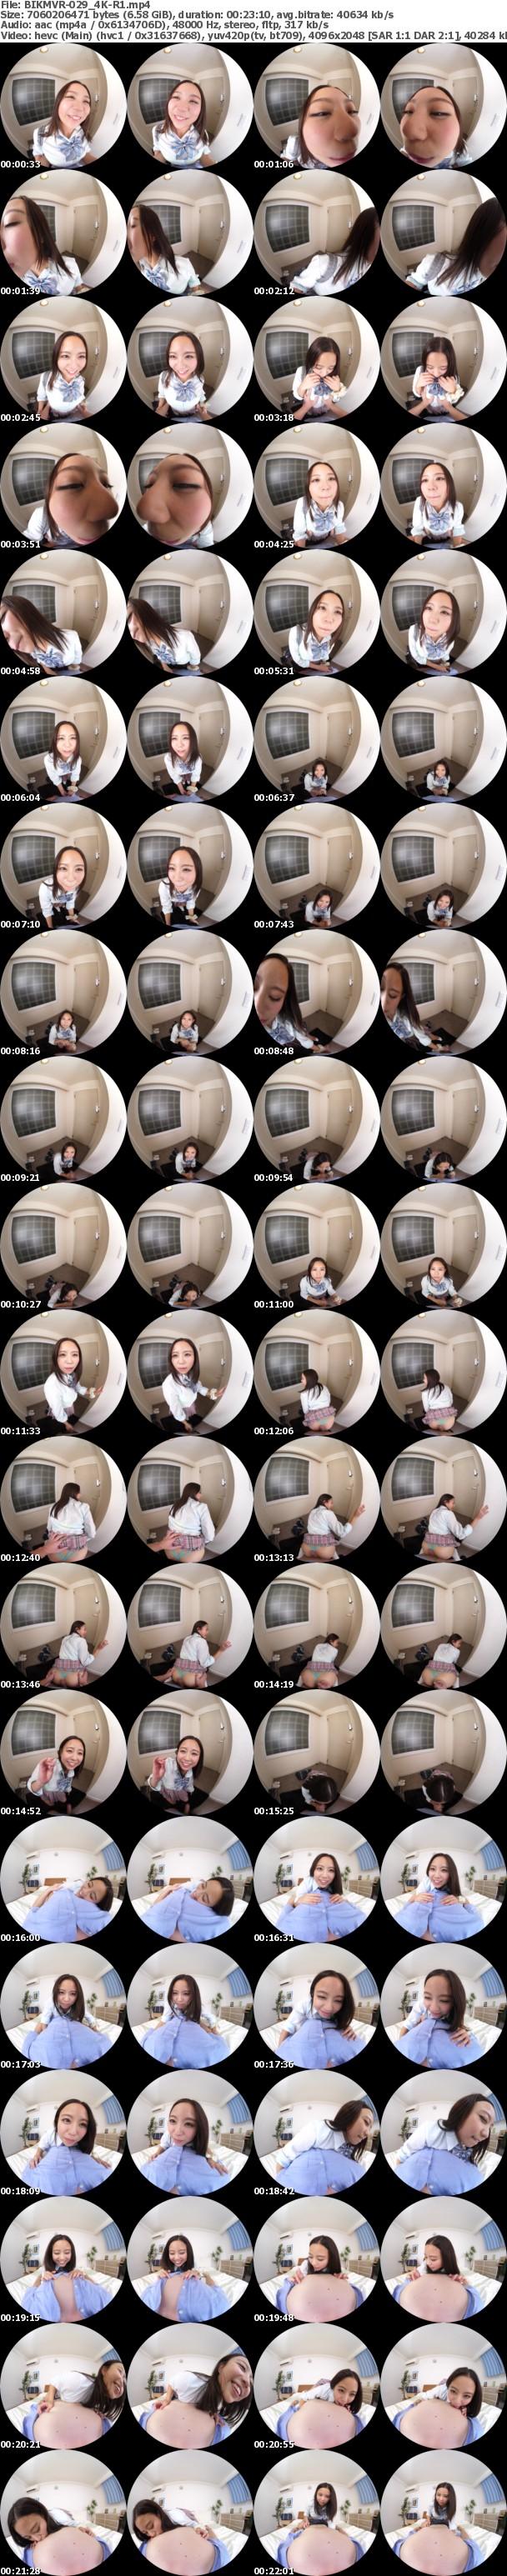 VR/3D BIKMVR-029 【4K匠】『プリケツVR』Tバック中出し女子校生 ~キレイなお尻に魅了されたい~ 神谷充希